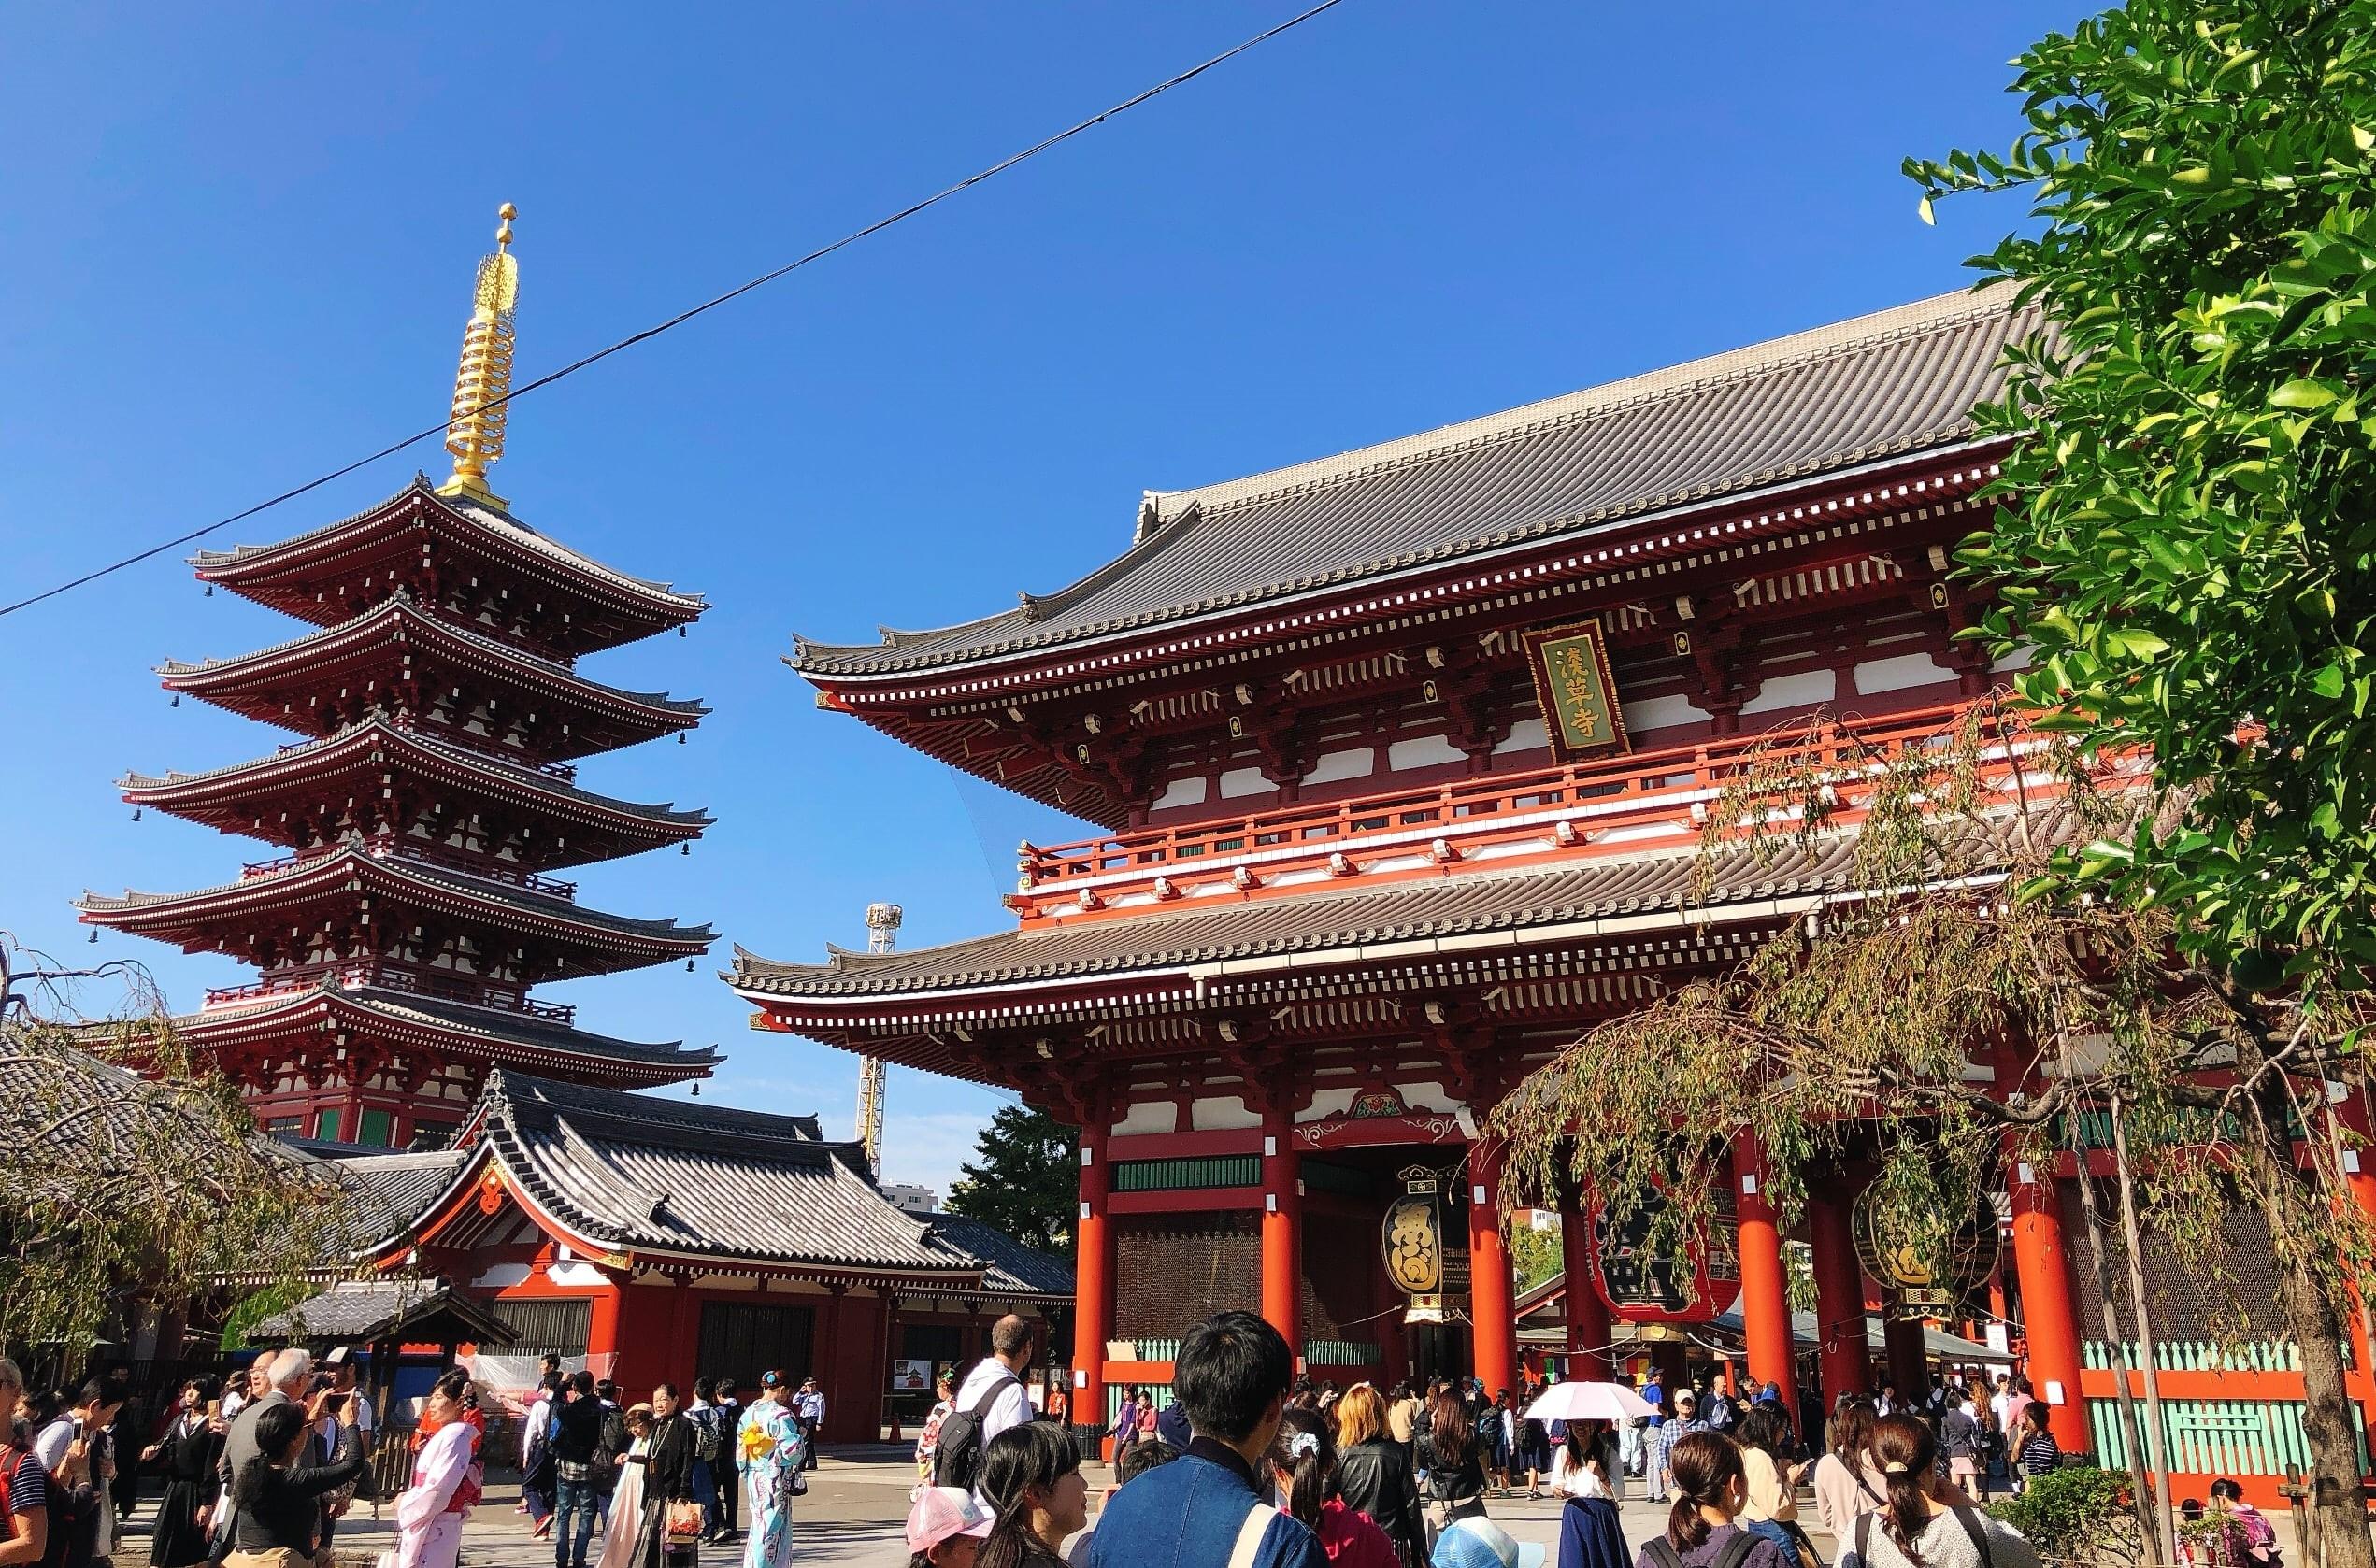 The gate and pagoda at Sensoji Temple